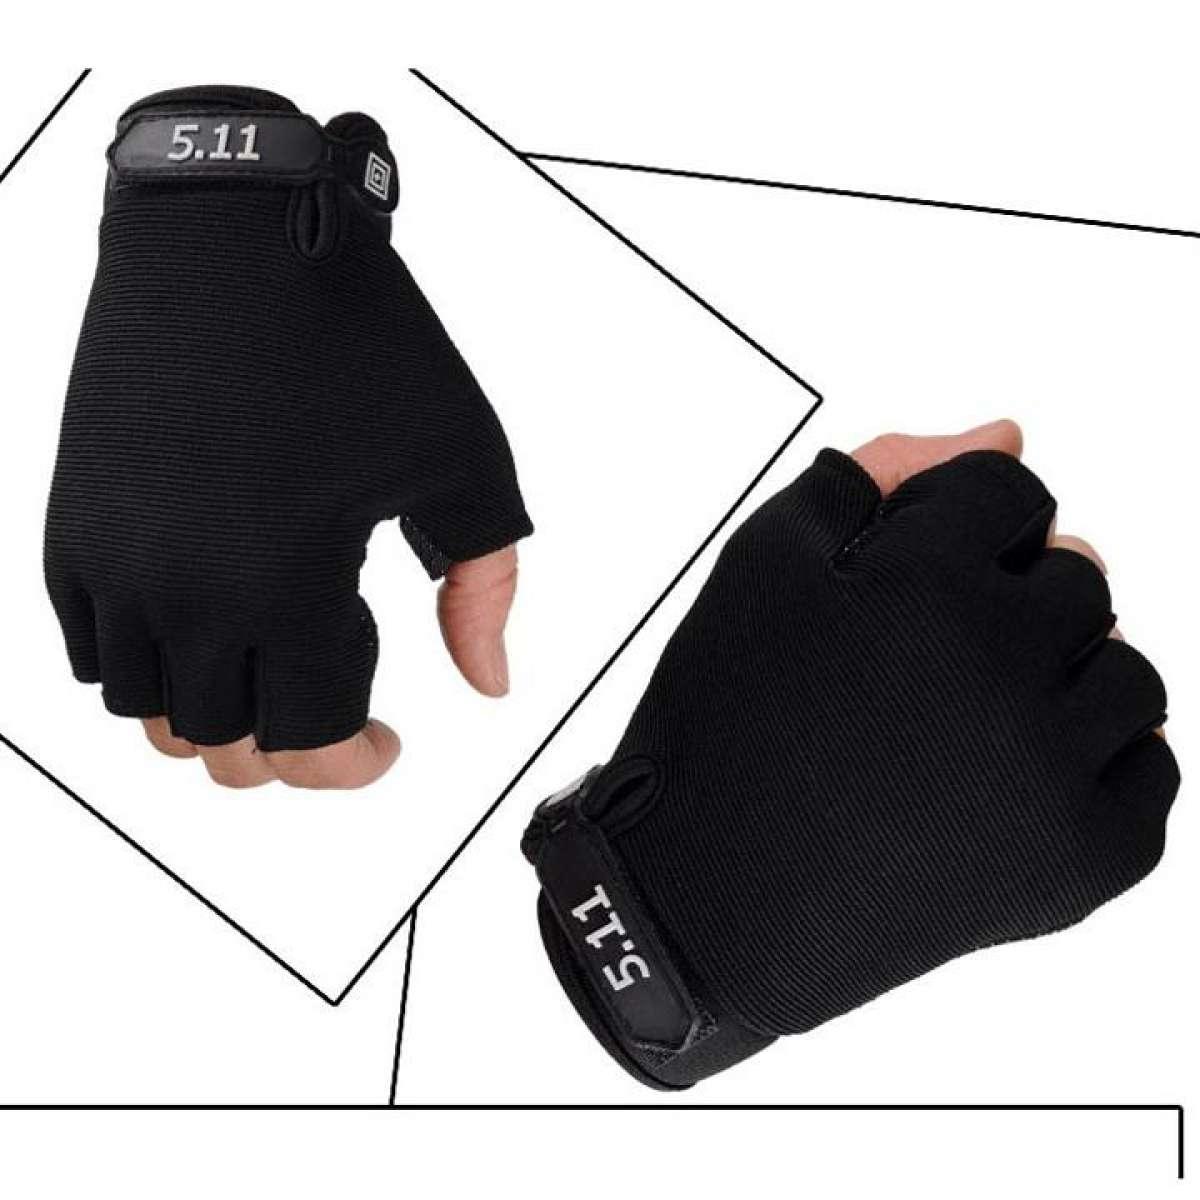 Găng tay phượt, tập Gym, thể thao đa năng thiết kế hở ngón tiện dụng chất liệu vải thun co dãn tốt Thời Trang (XL) - Gang tay phuot, tap gym, the thao da nang